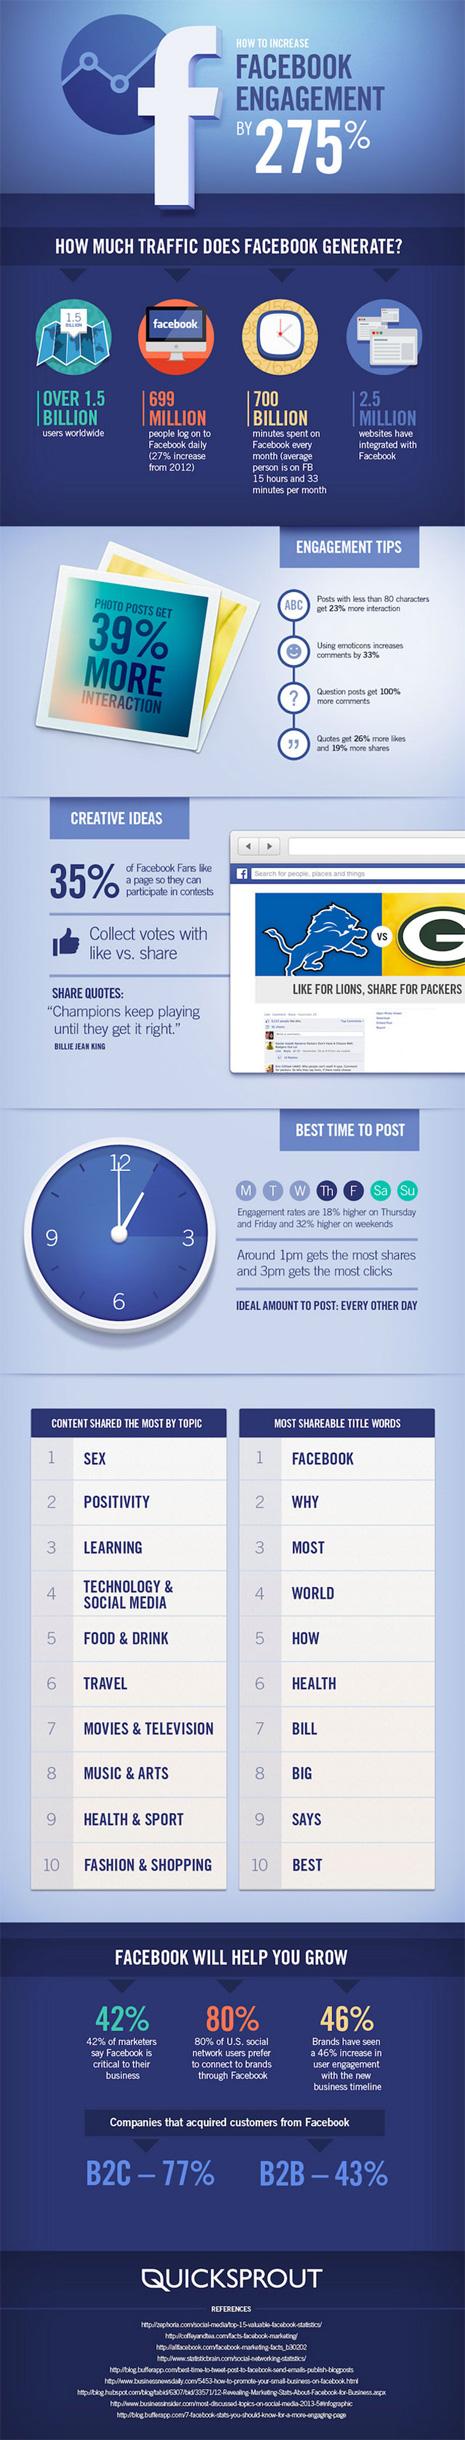 ¿Quiere incrementar el engagement de su marca en Facebook en un 275%? Siga estos 8 consejos